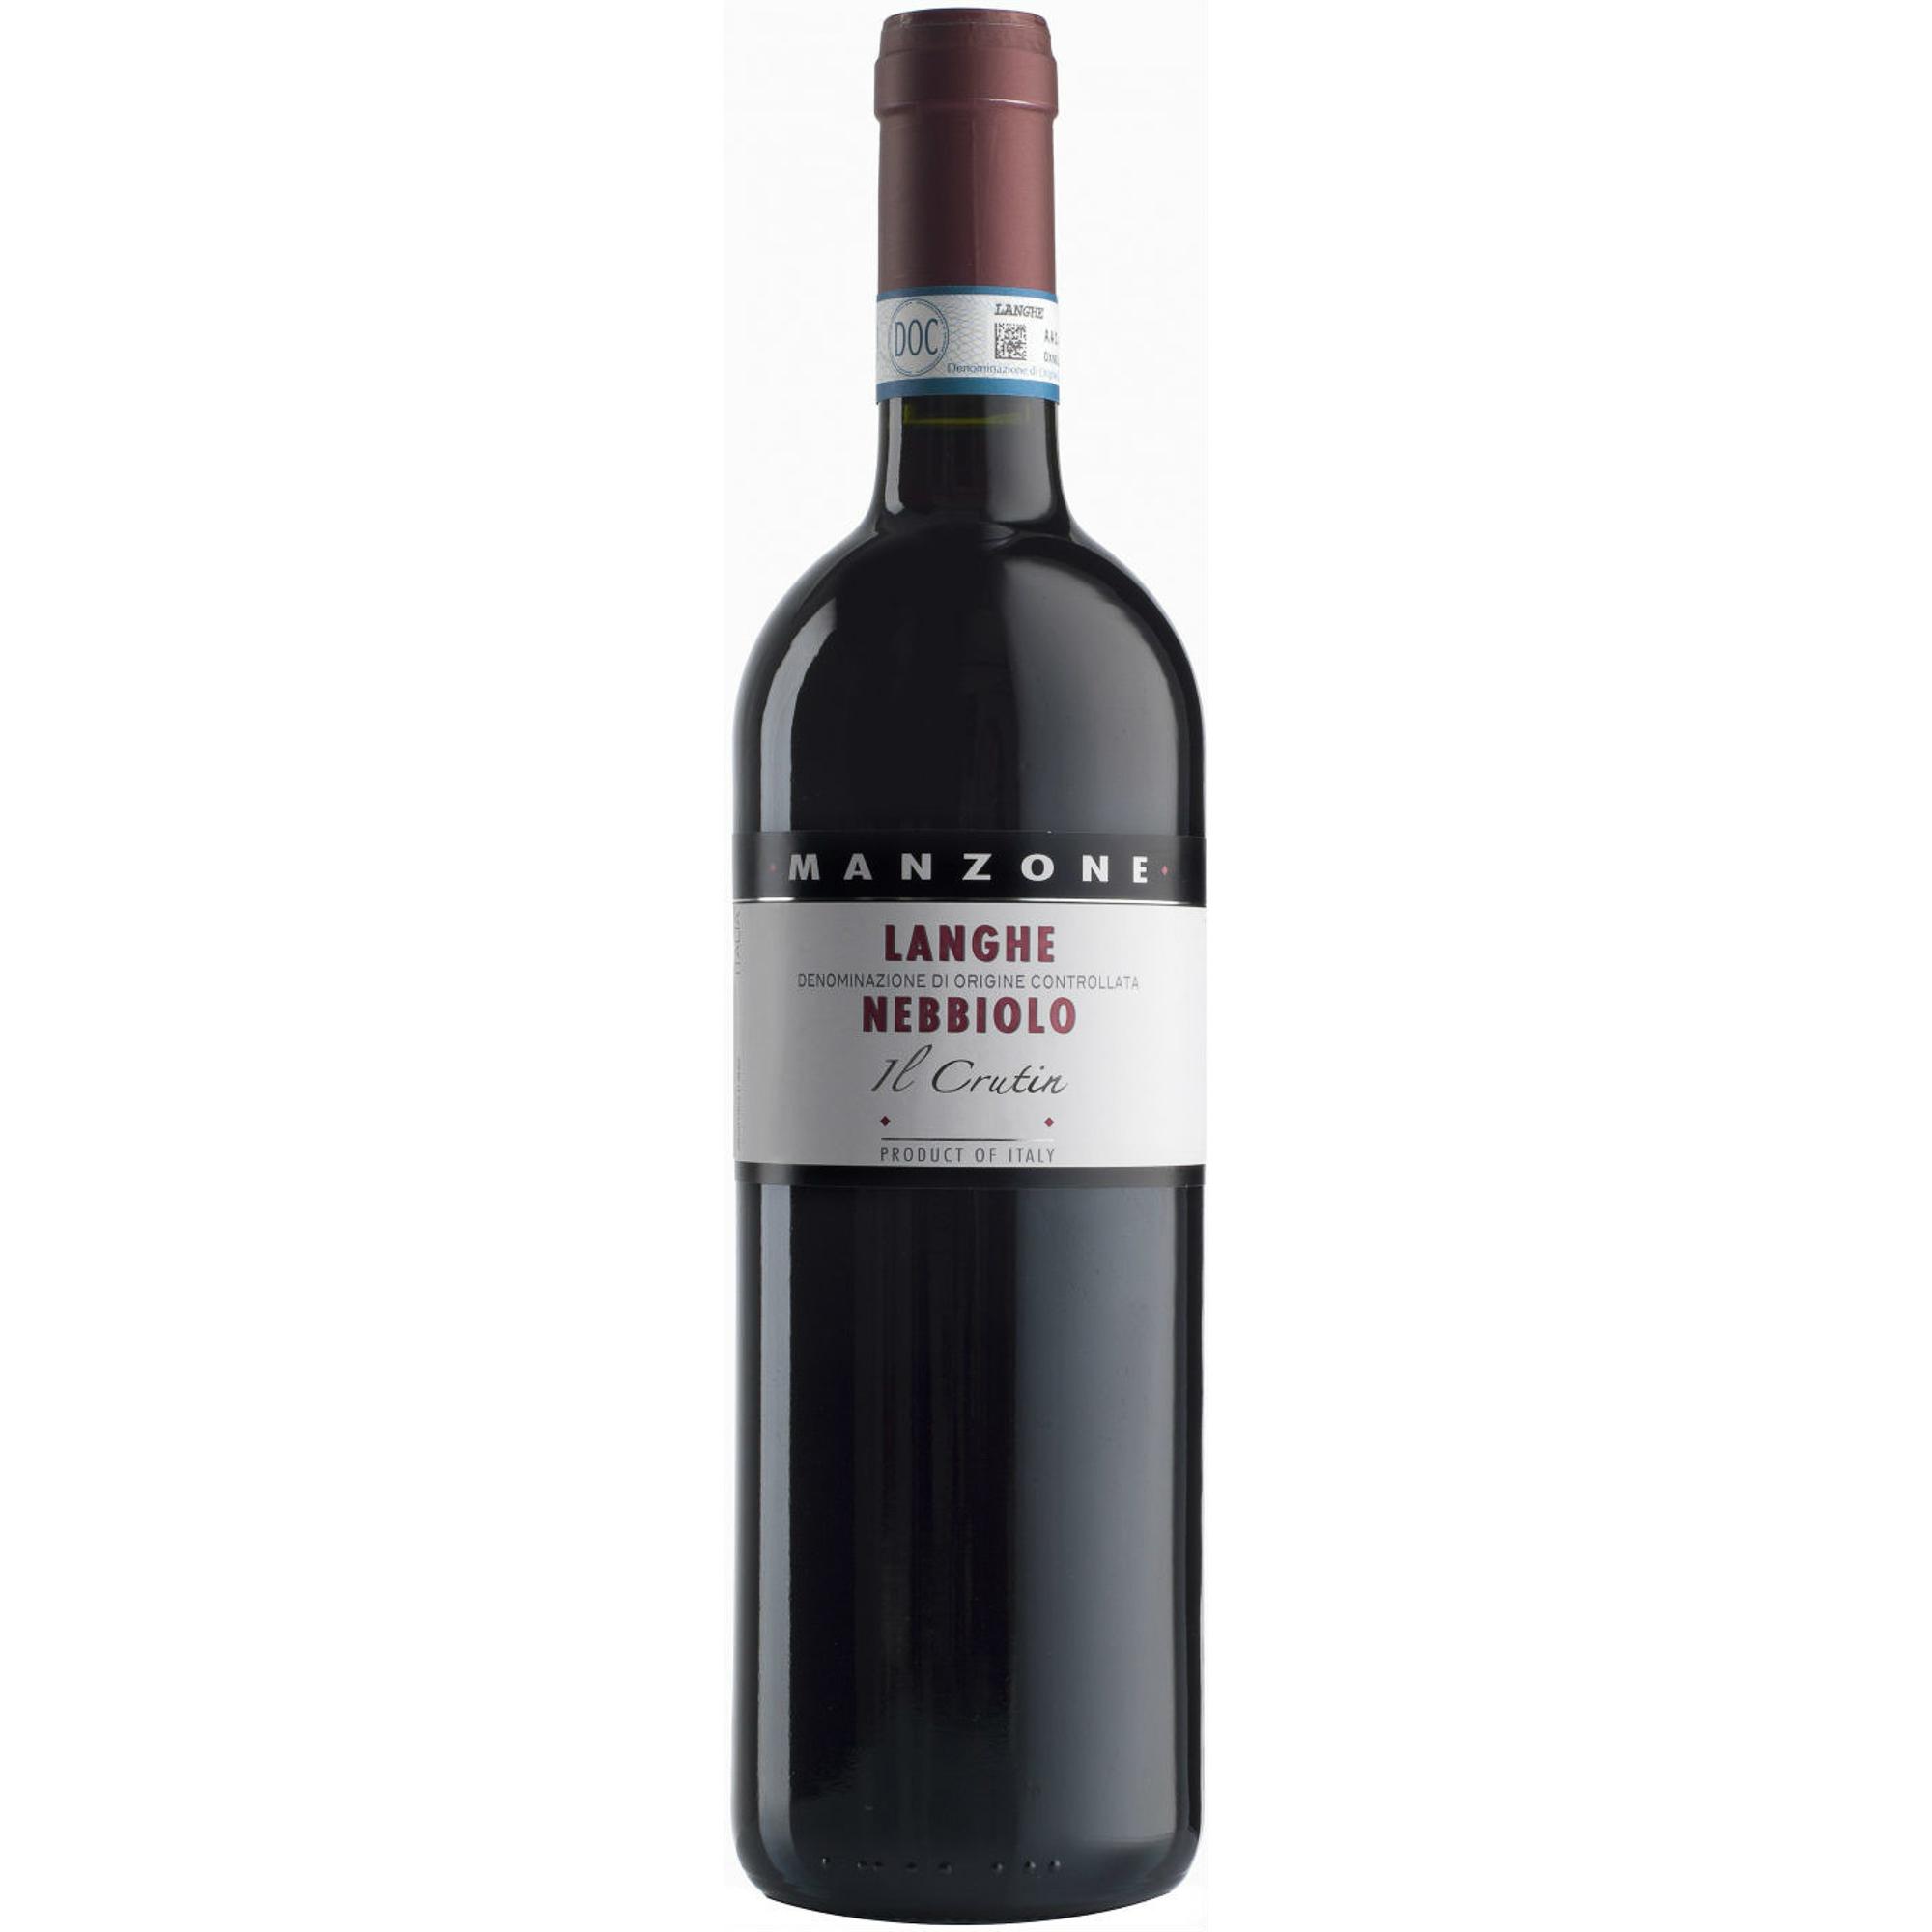 Купить Вино красное сухое Manzone Il Crutin Nebbiolo, Langhe DOC 0, 75 л, Италия, Красно-рубиновый